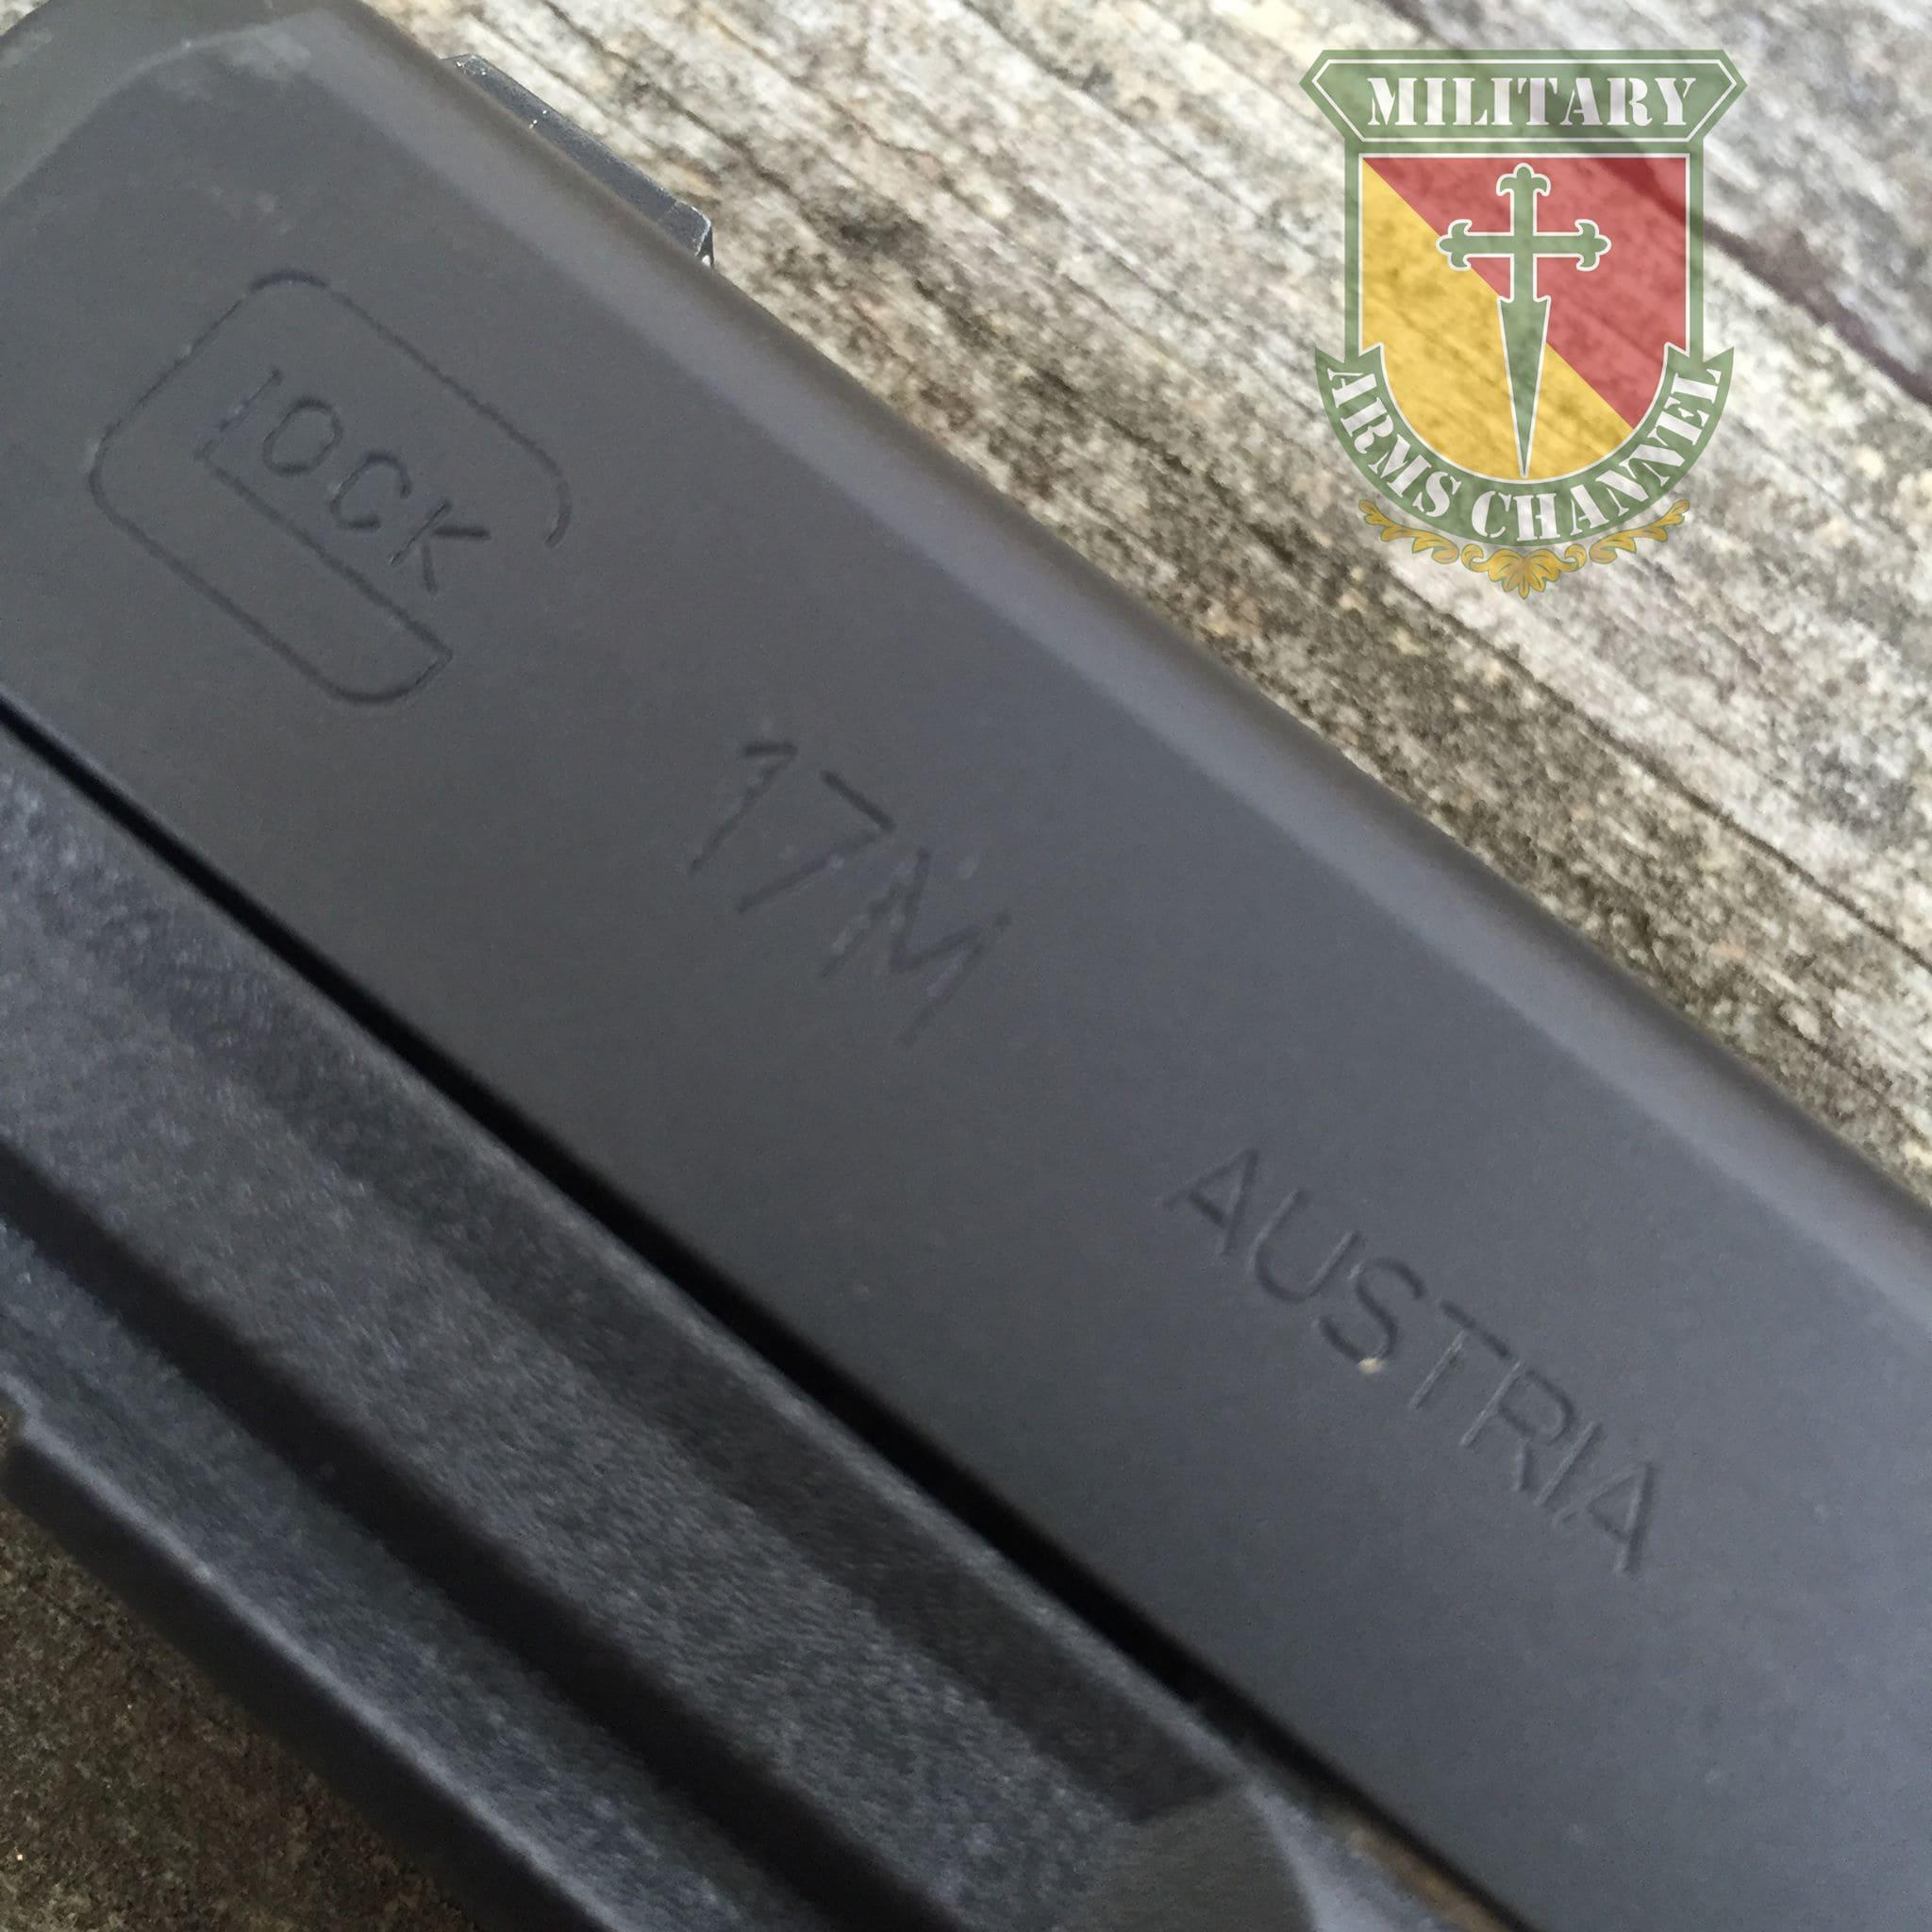 glock 17 M mmac f